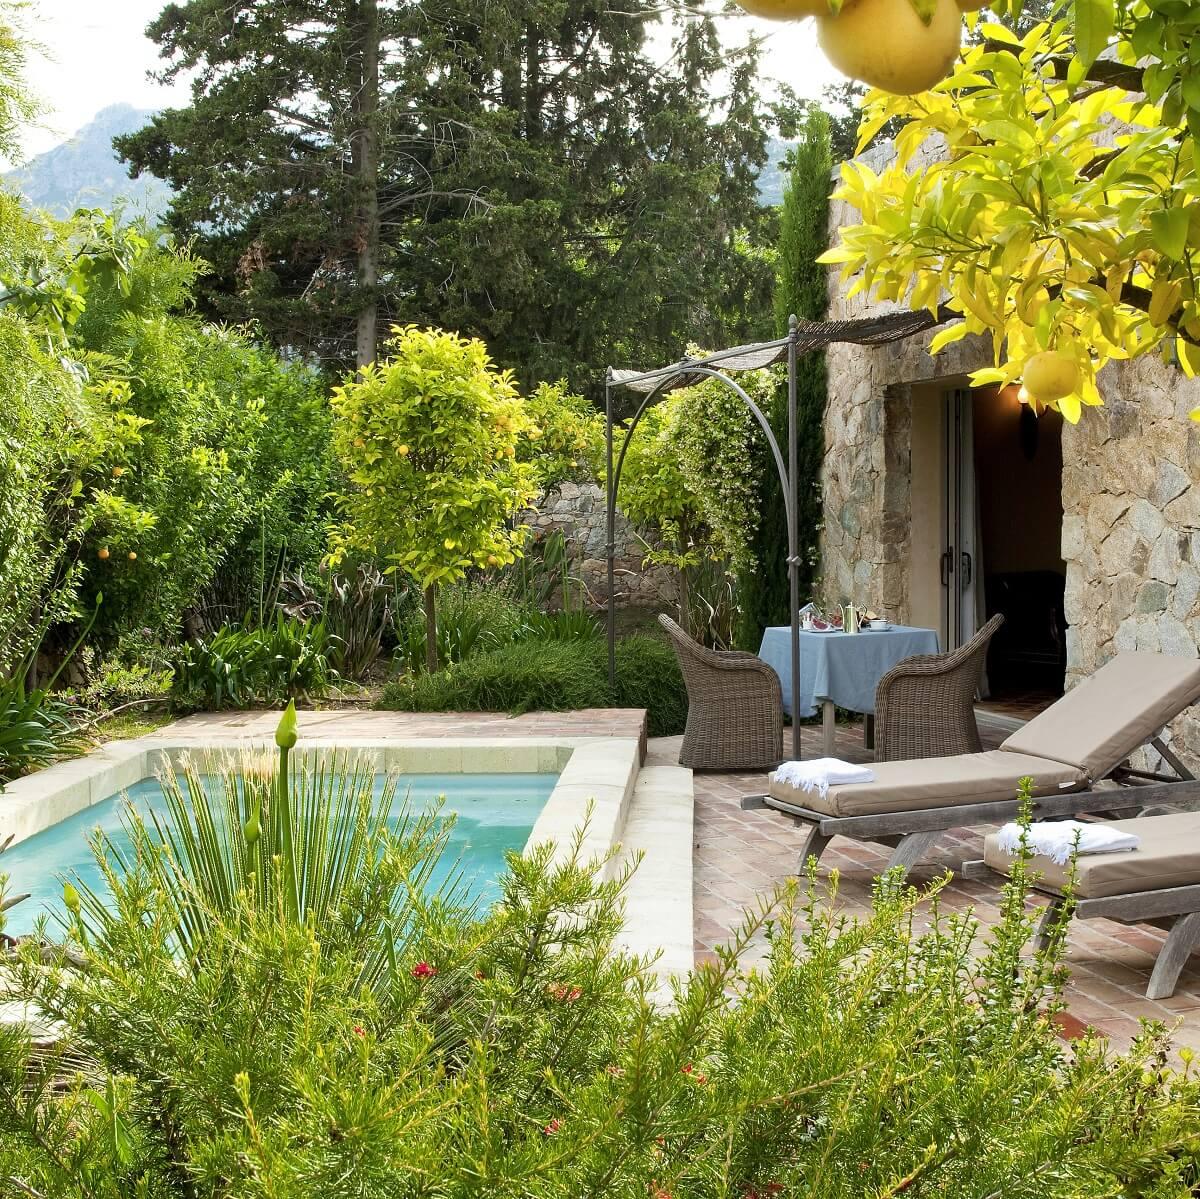 Maison avec piscine corse du sud maison moderne for Camping sud de la corse avec piscine